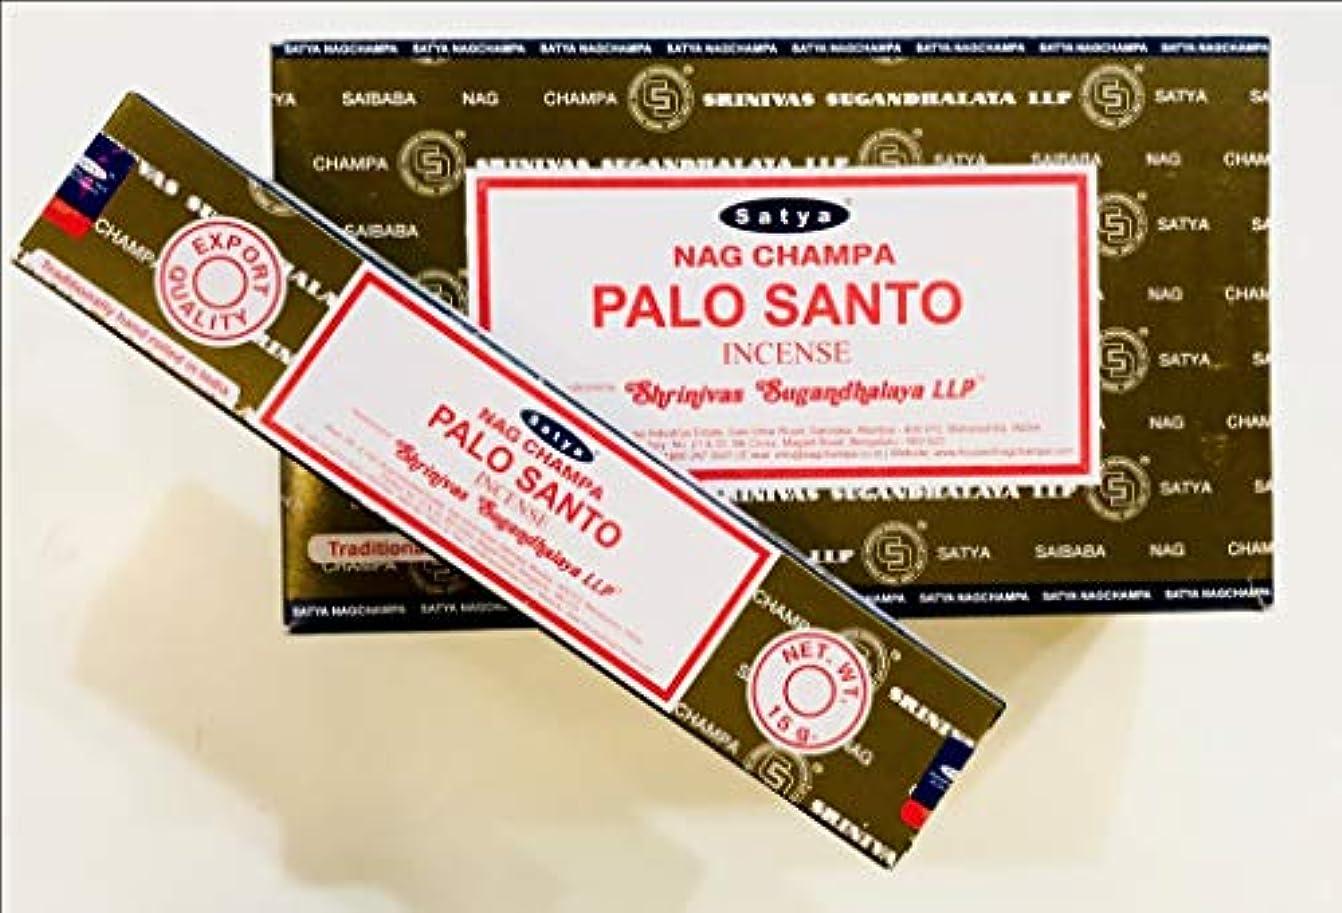 感度旅行代理店グッゲンハイム美術館Satya Nag Champa - Palo Santo お香スティック 12本パック x 15グラム 180グラムボックス 輸出品質